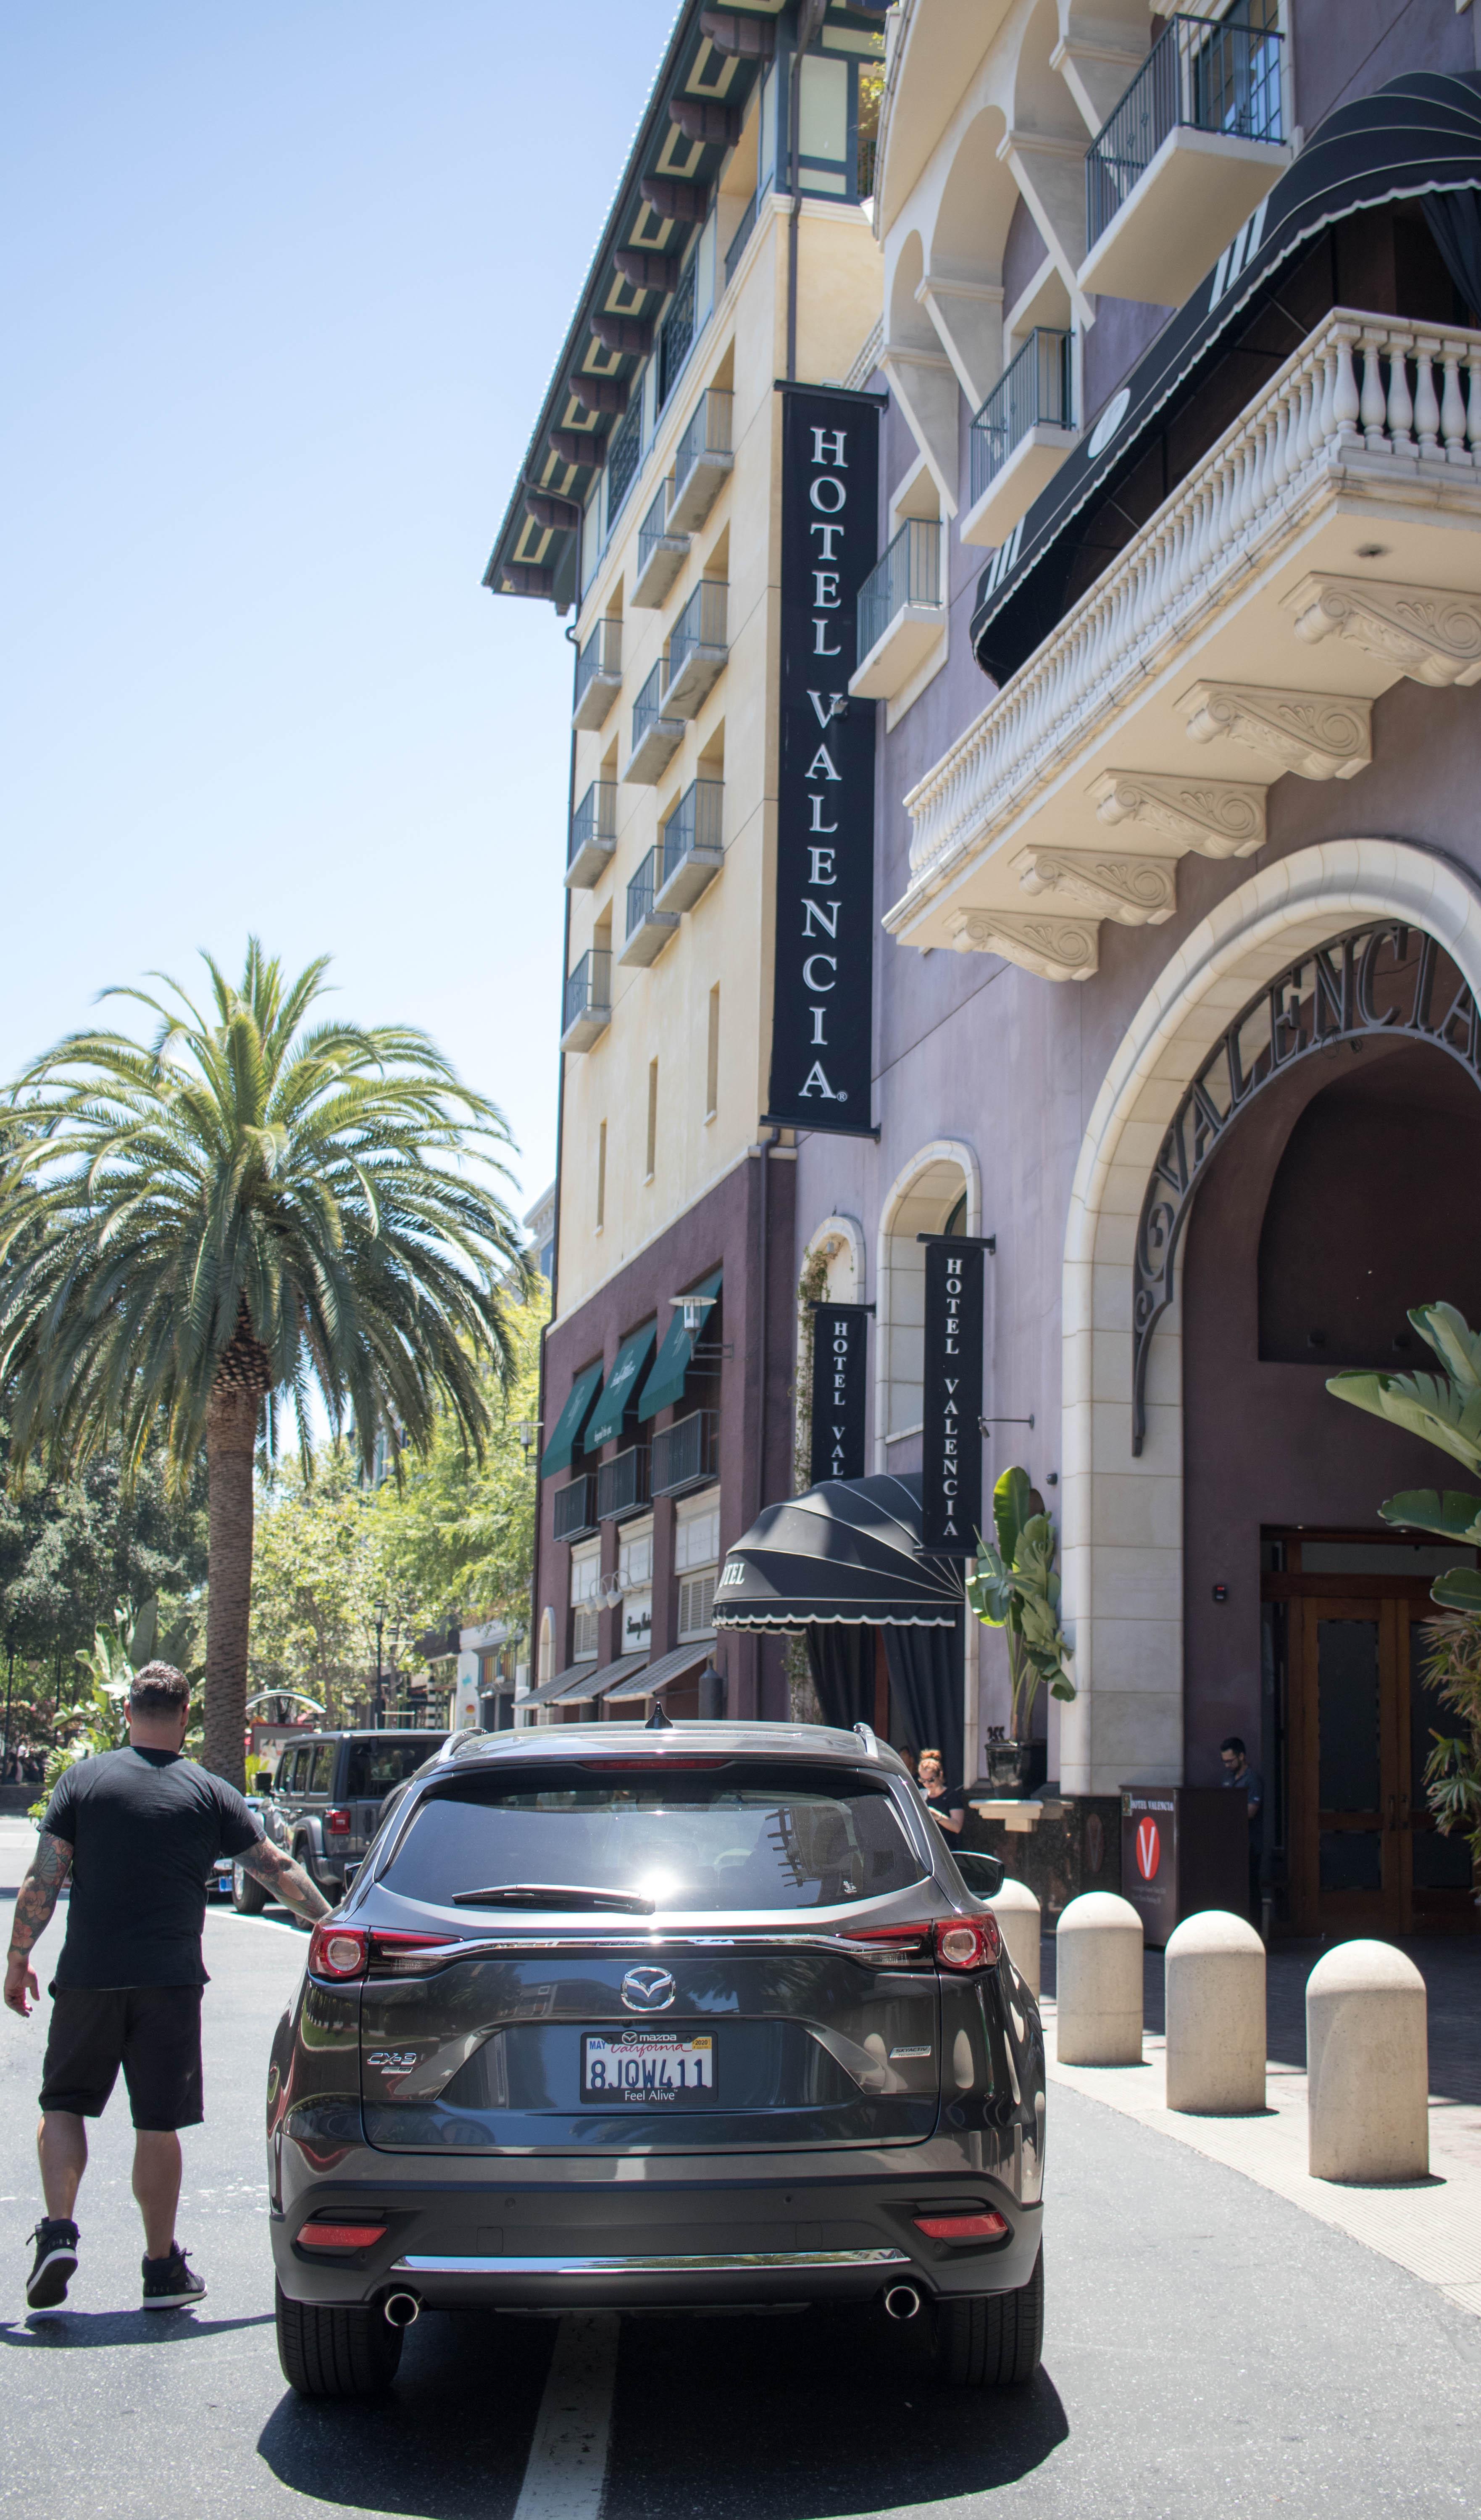 Santana row hotel valencia san jose #santanarow #drivemazda #mazda